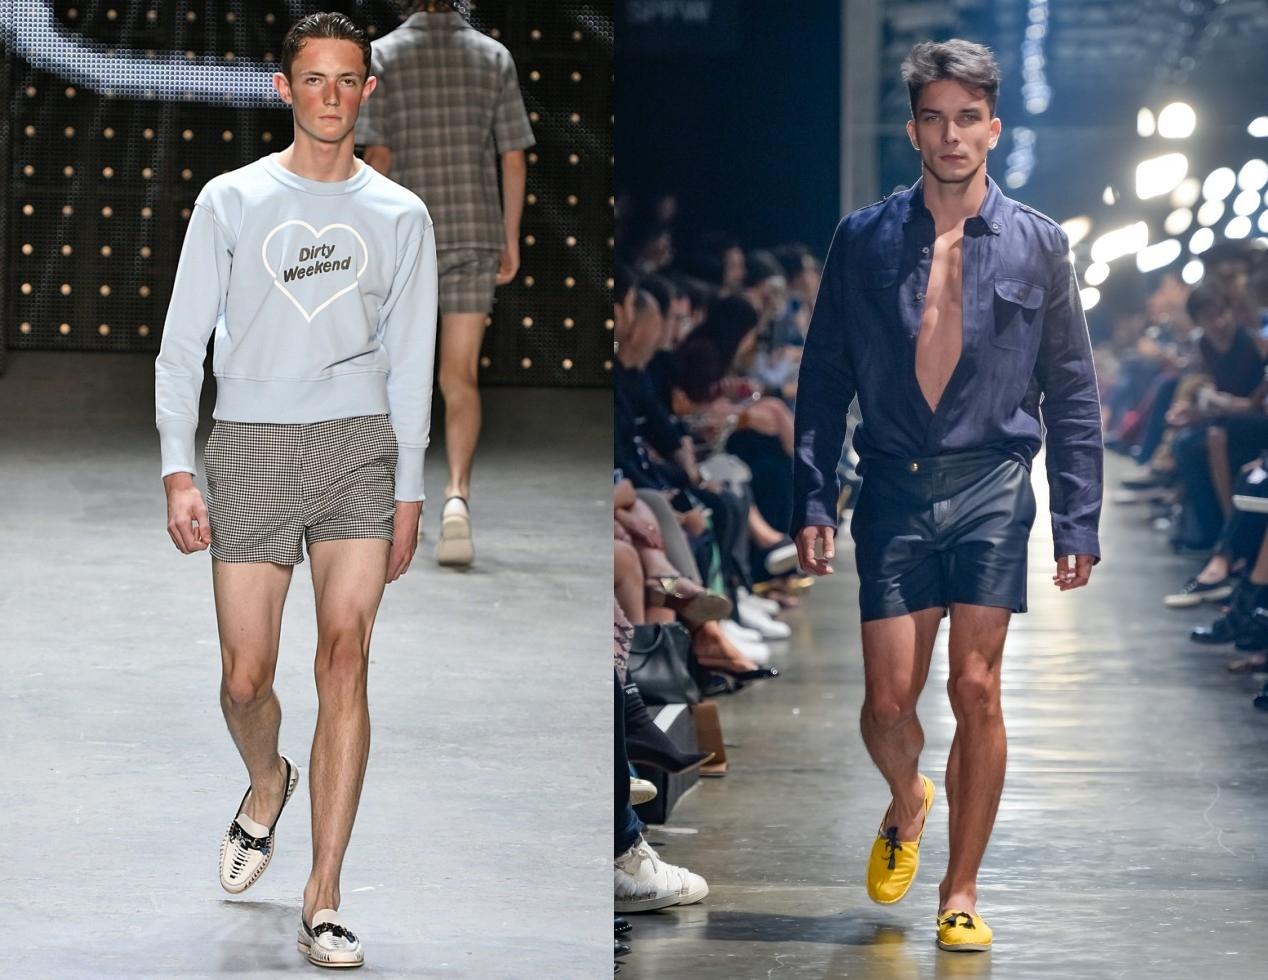 roupa-masculina-2017-roupa-2017-moda-masculina-tendencia-masculina-blogger-blog-de-moda-fashion-blogger-alex-cursino-moda-sem-censura-dicas-de-moda-dicas-de-estilo-youtuber-2